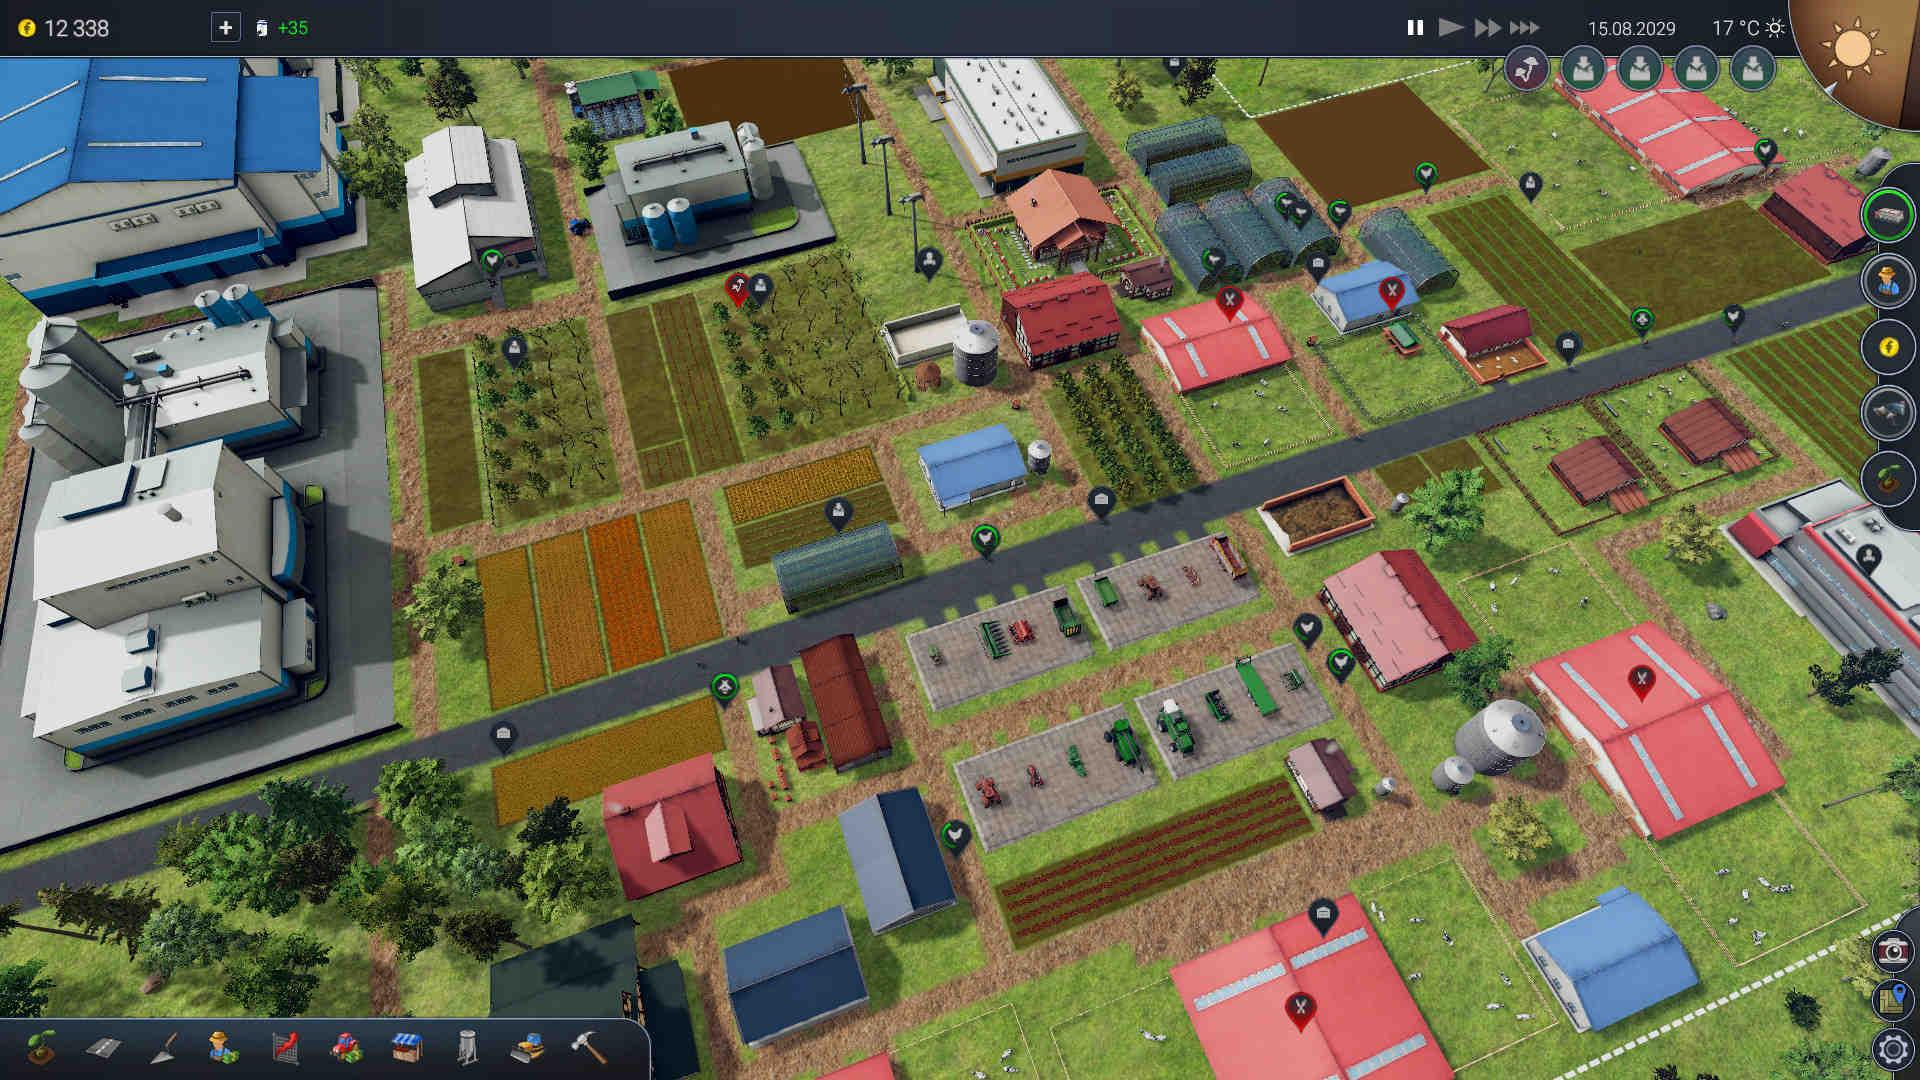 Farm Manager 2018 - Ekran główny gry